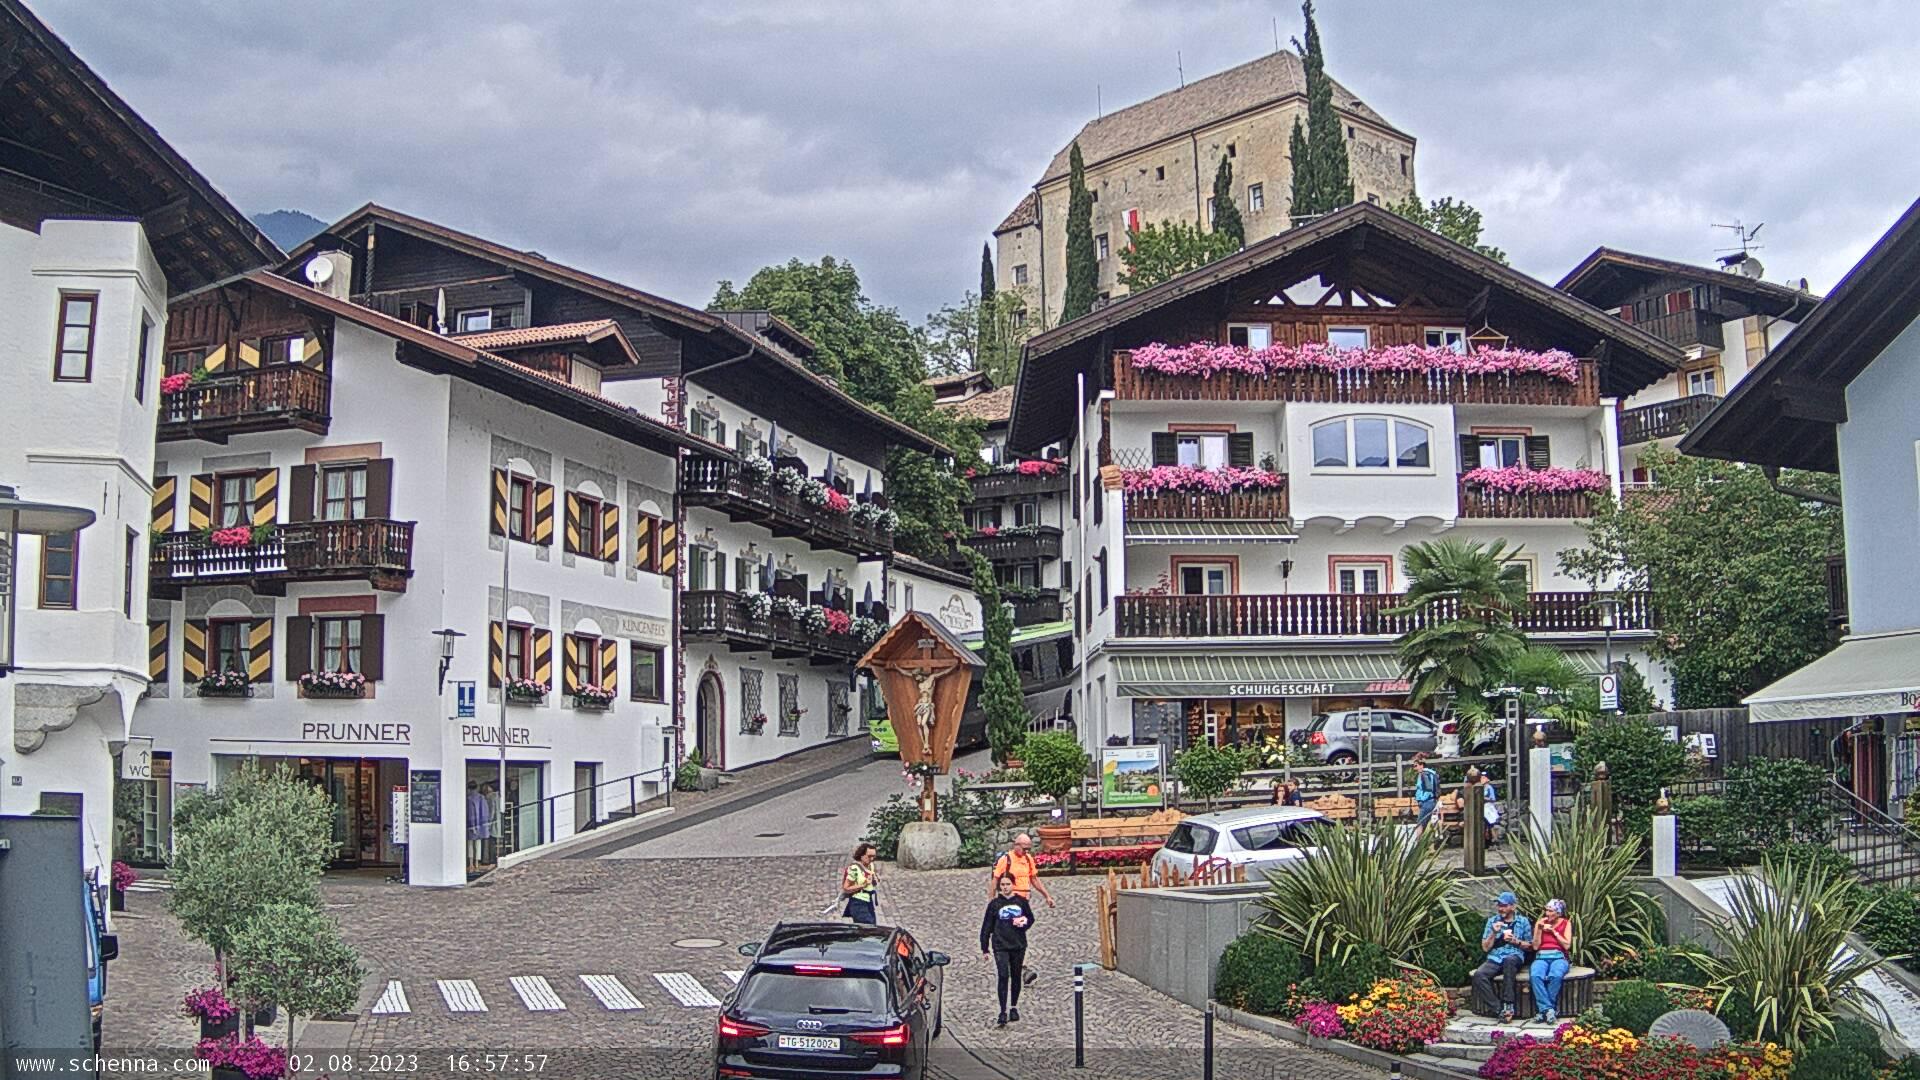 Centro di Scena - Al Castello con vista sul Castello di Scena